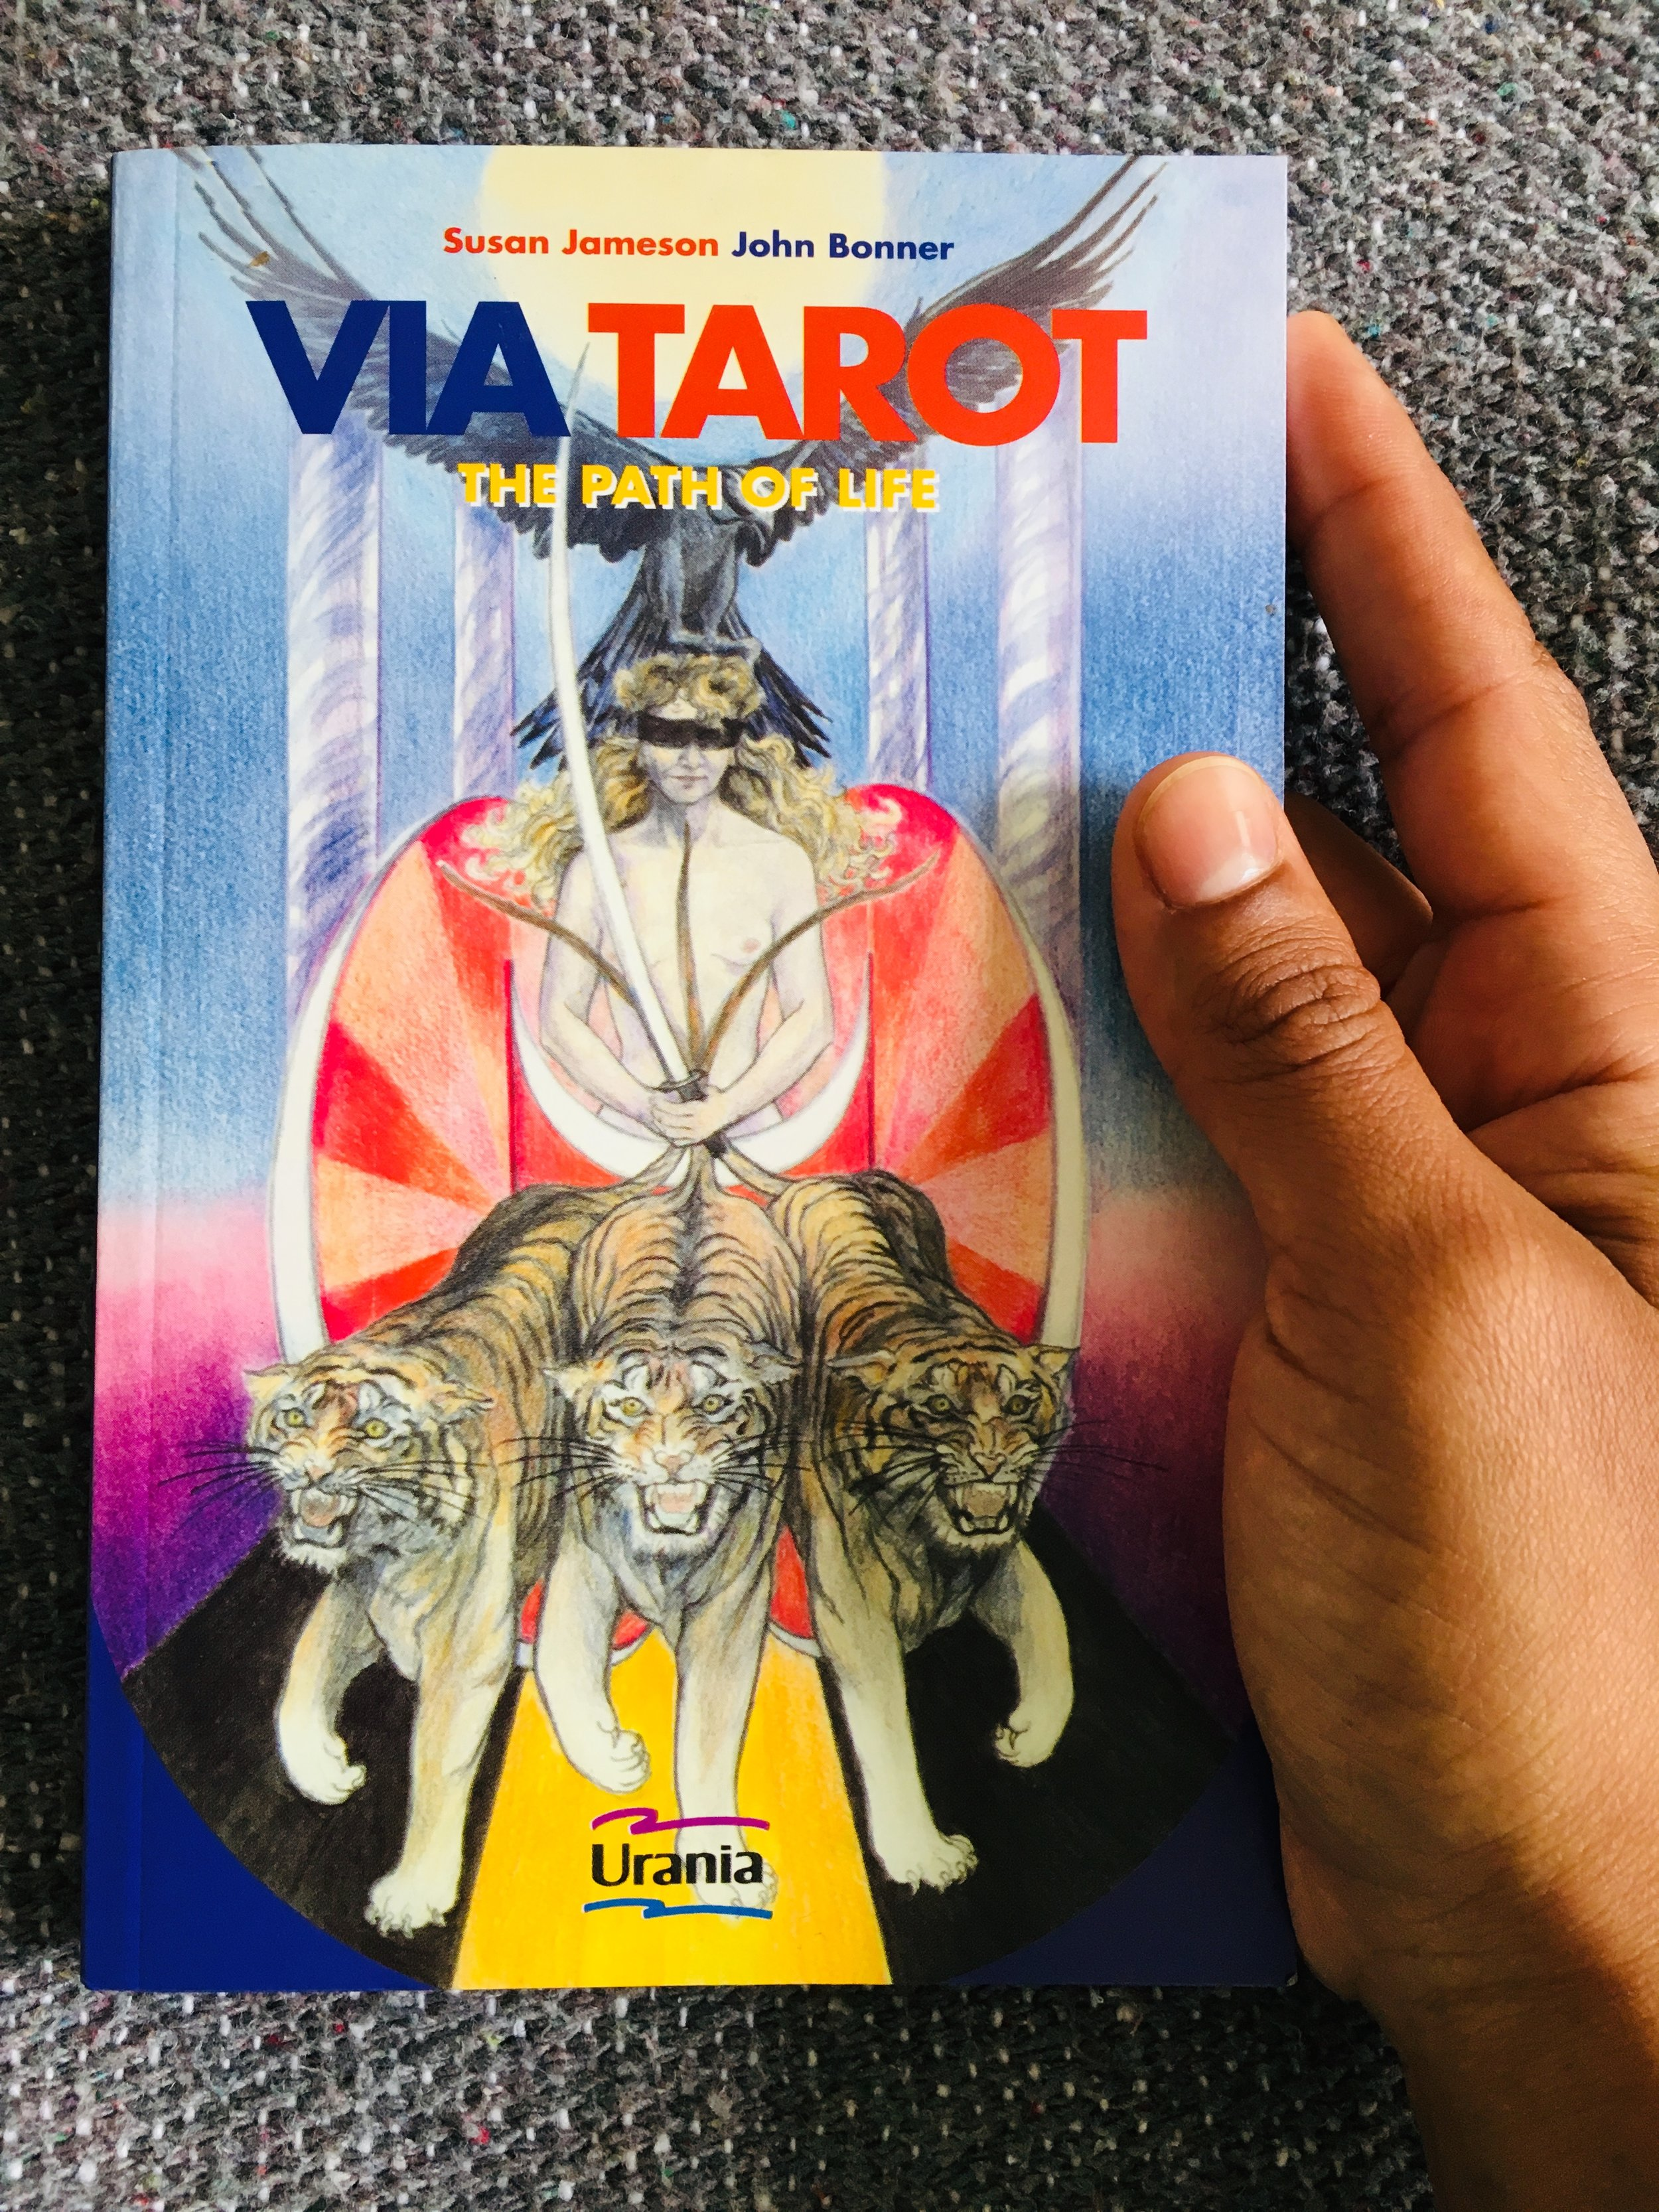 via tarot book.jpg